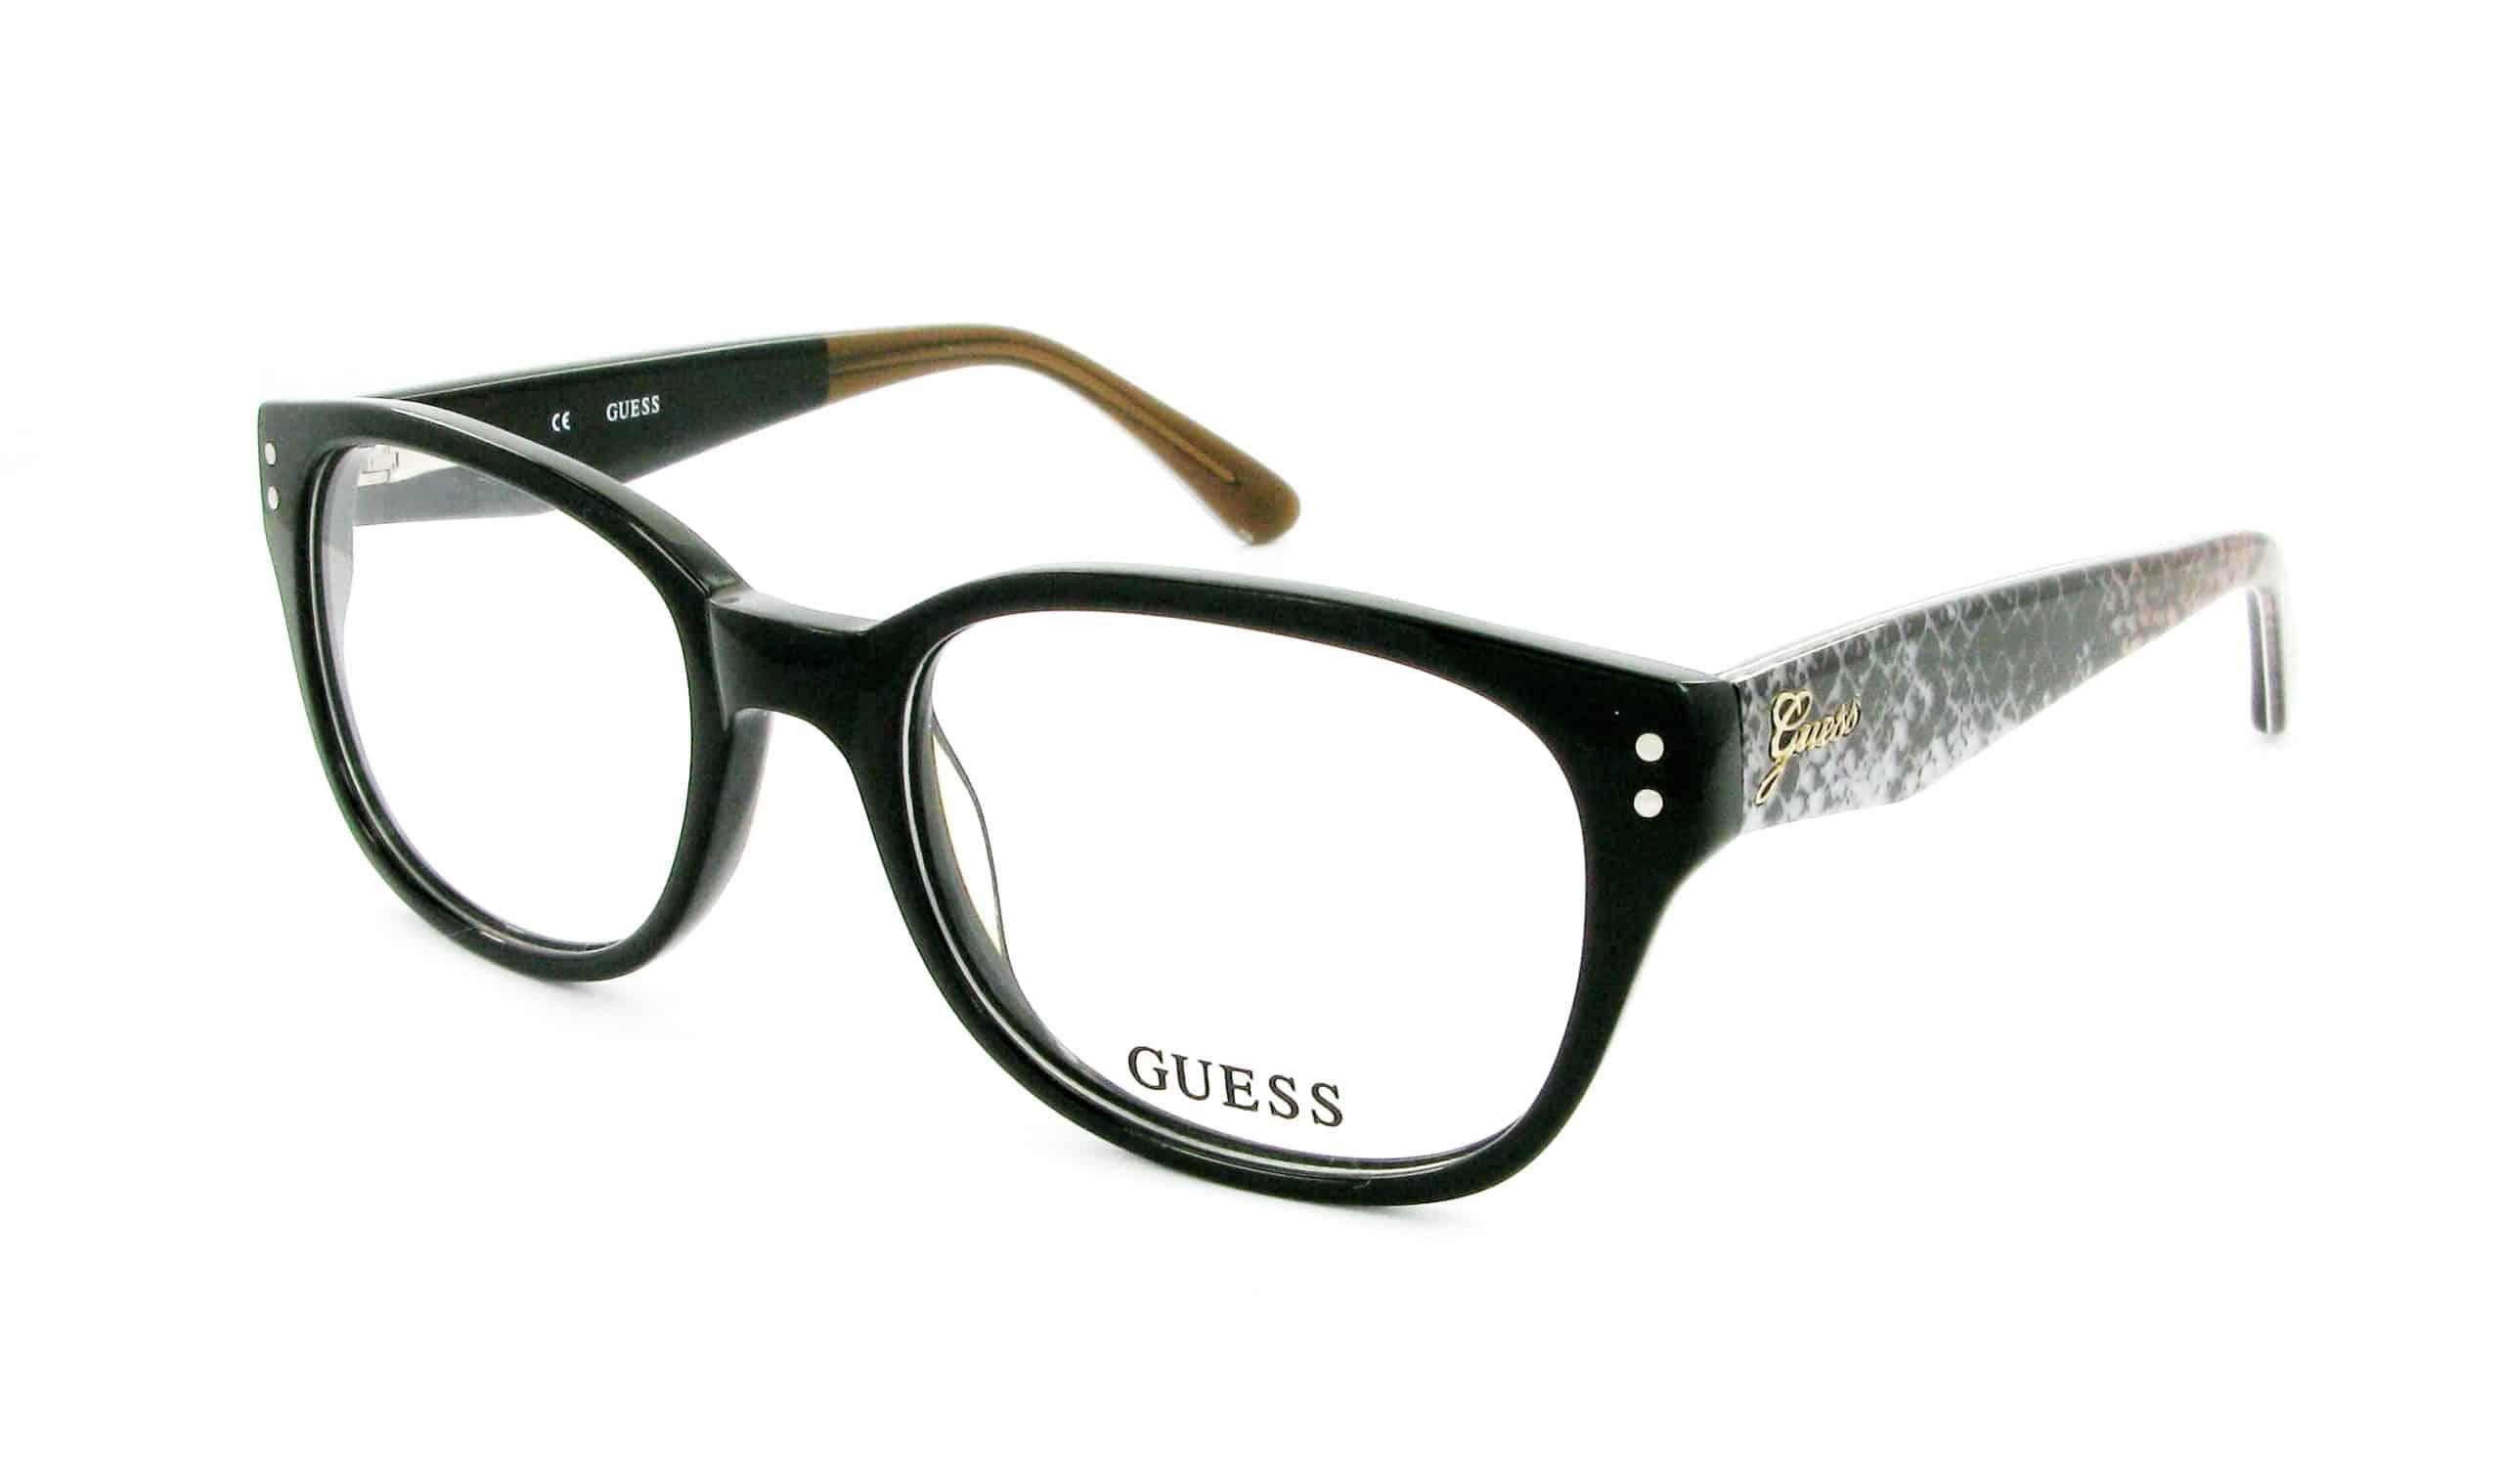 Lunettes de vue ou lentilles : que choisir ?